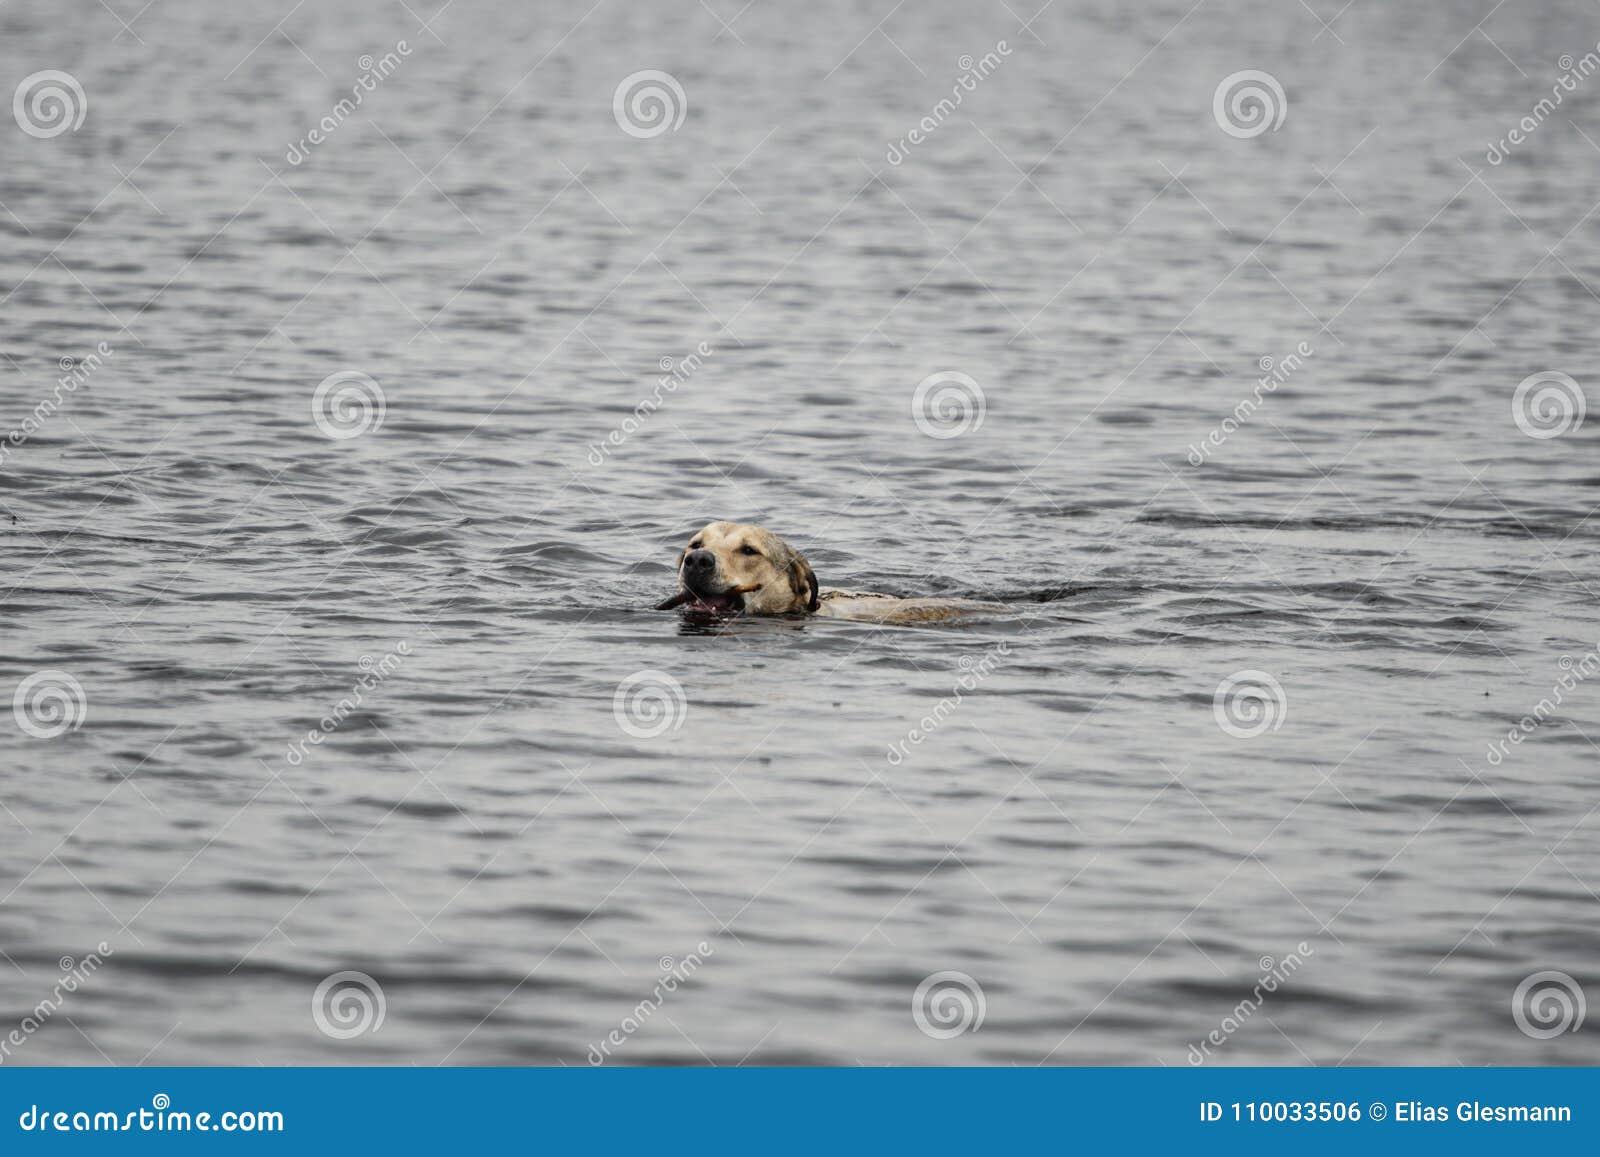 Het zwemmen van de hond